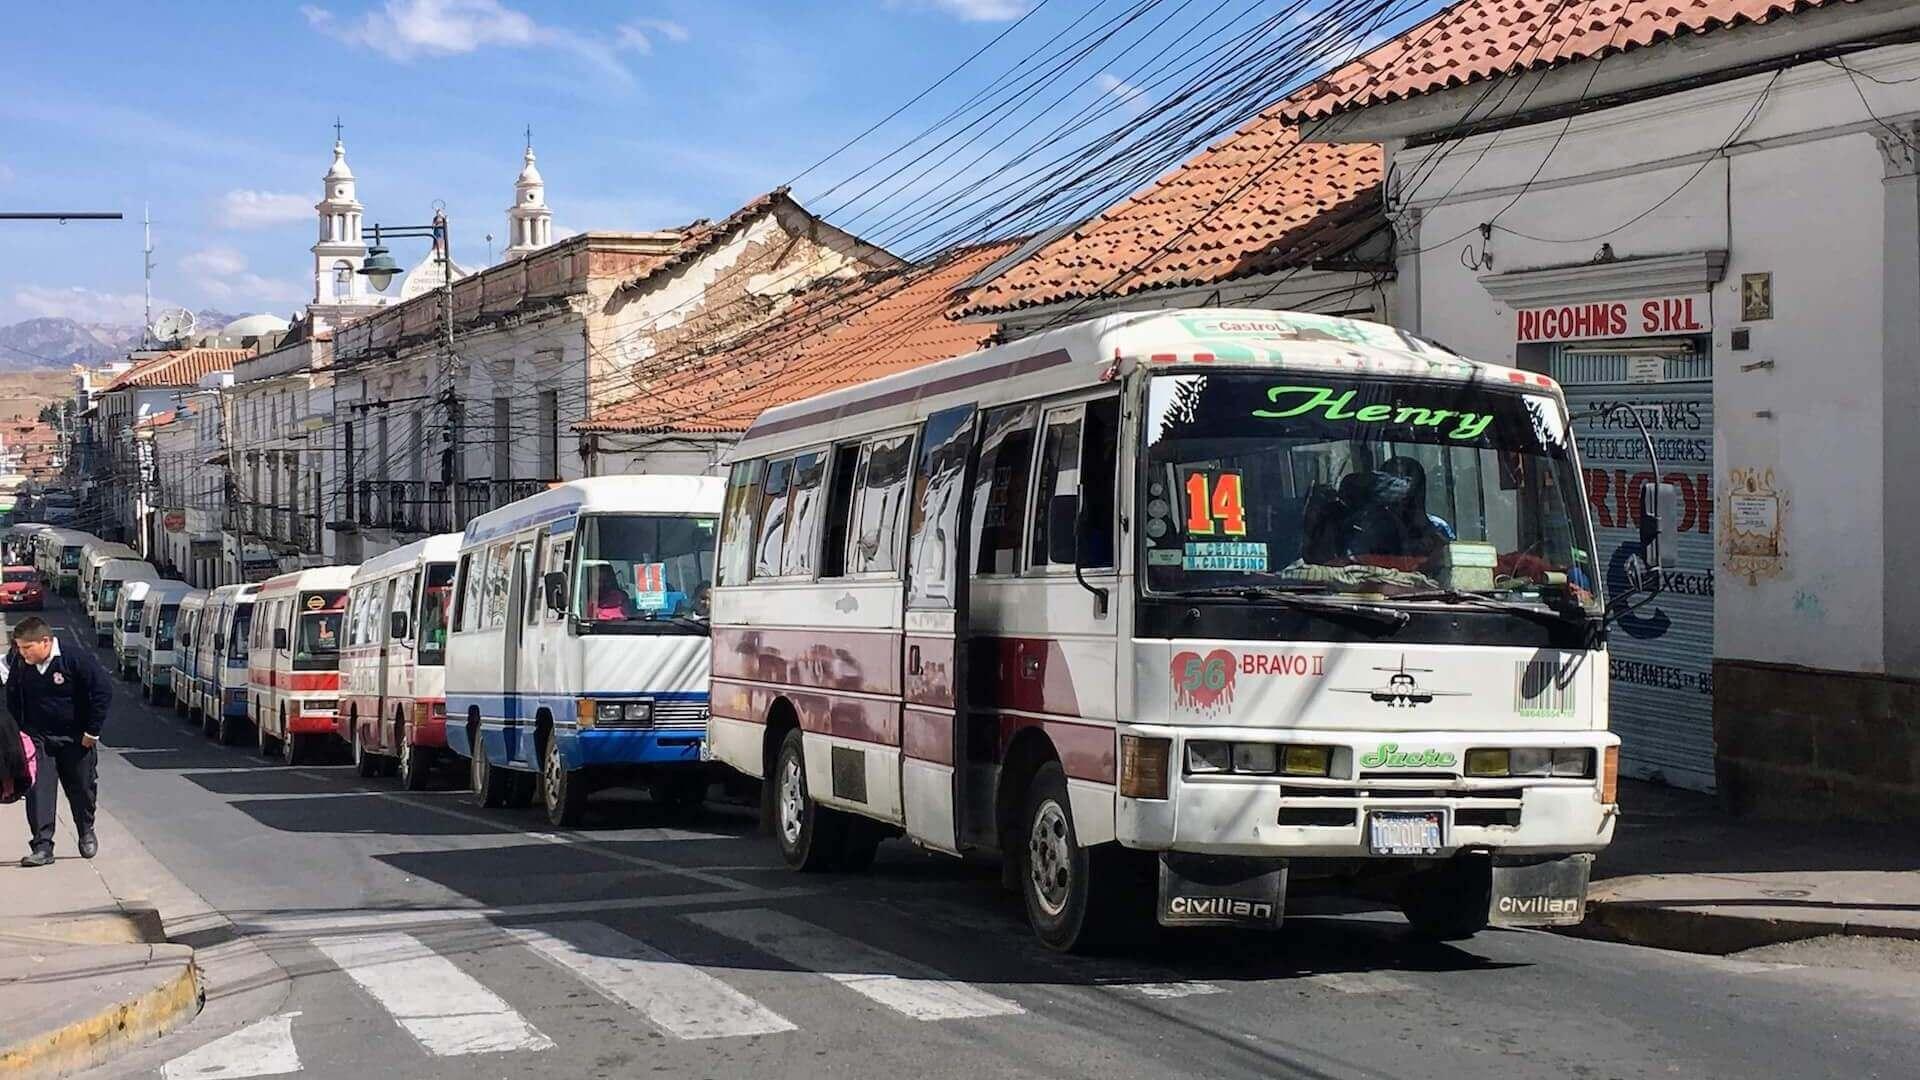 Rij stadsbussen in het oude centrum van Sucre in Bolivia